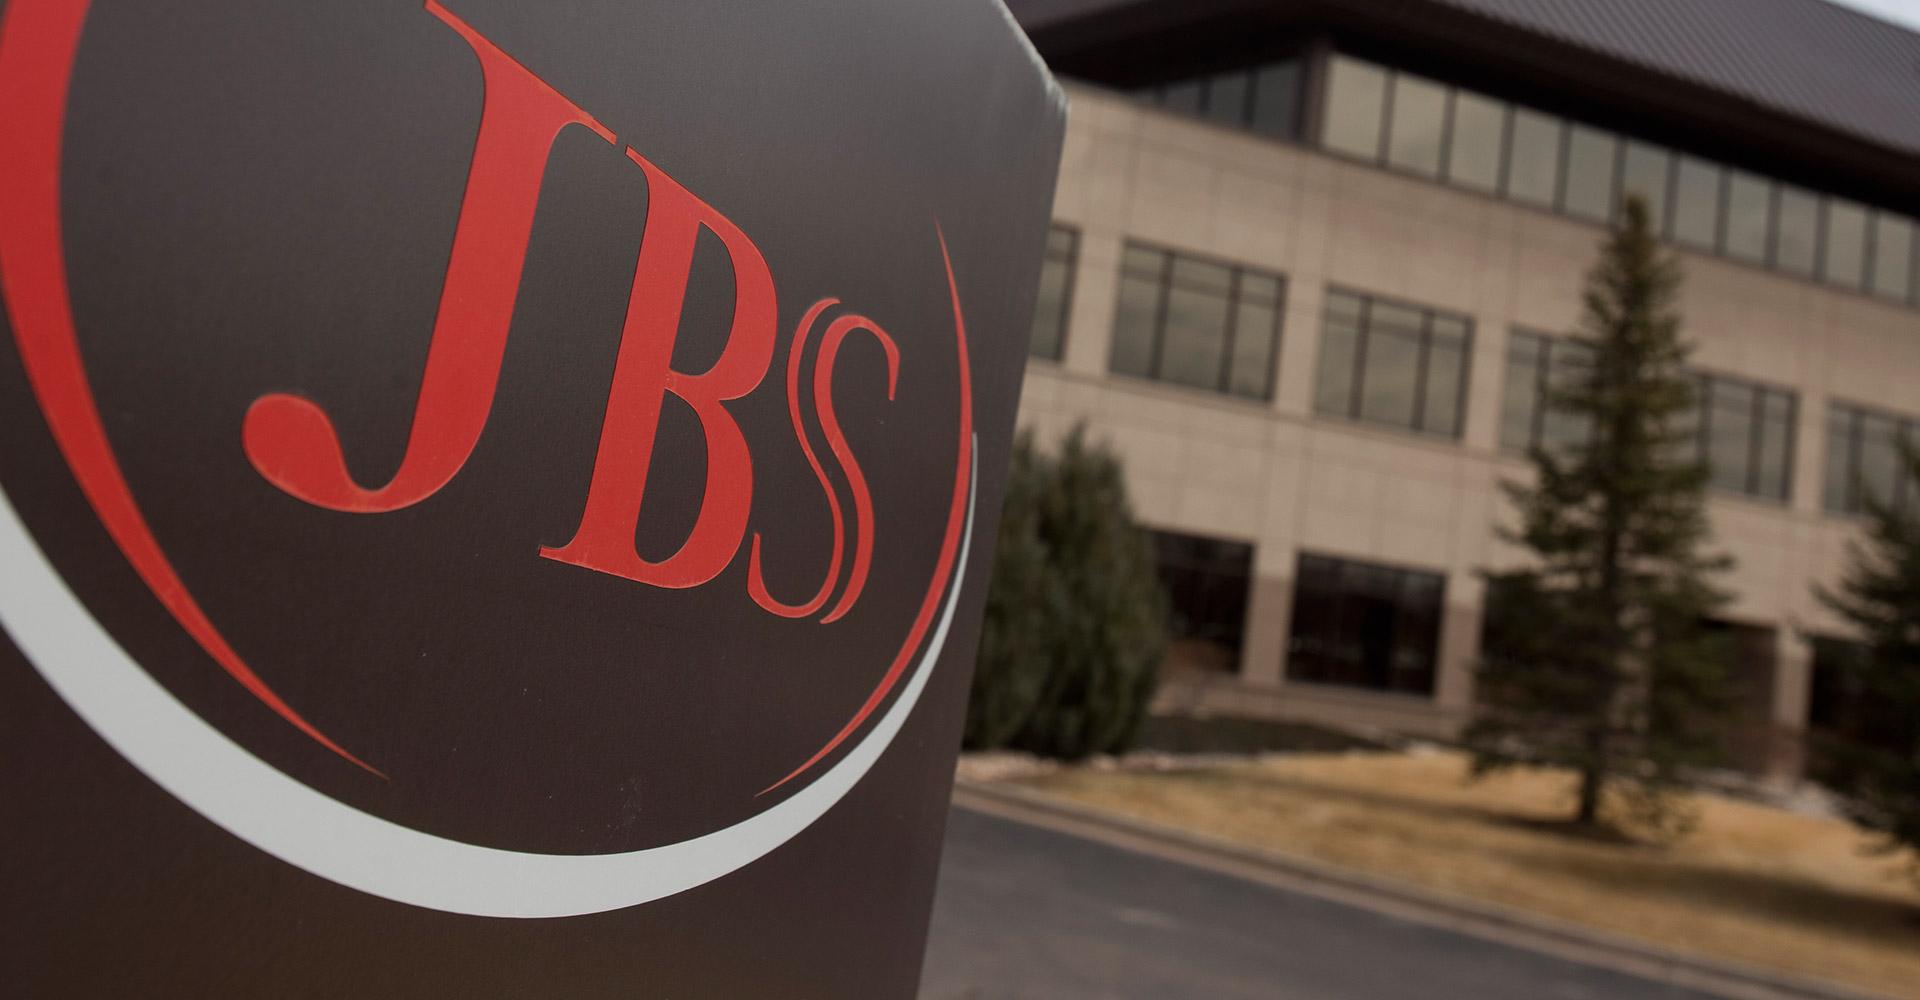 JBS encerra o trimestre com lucro líquido de R$ 422,3 milhões